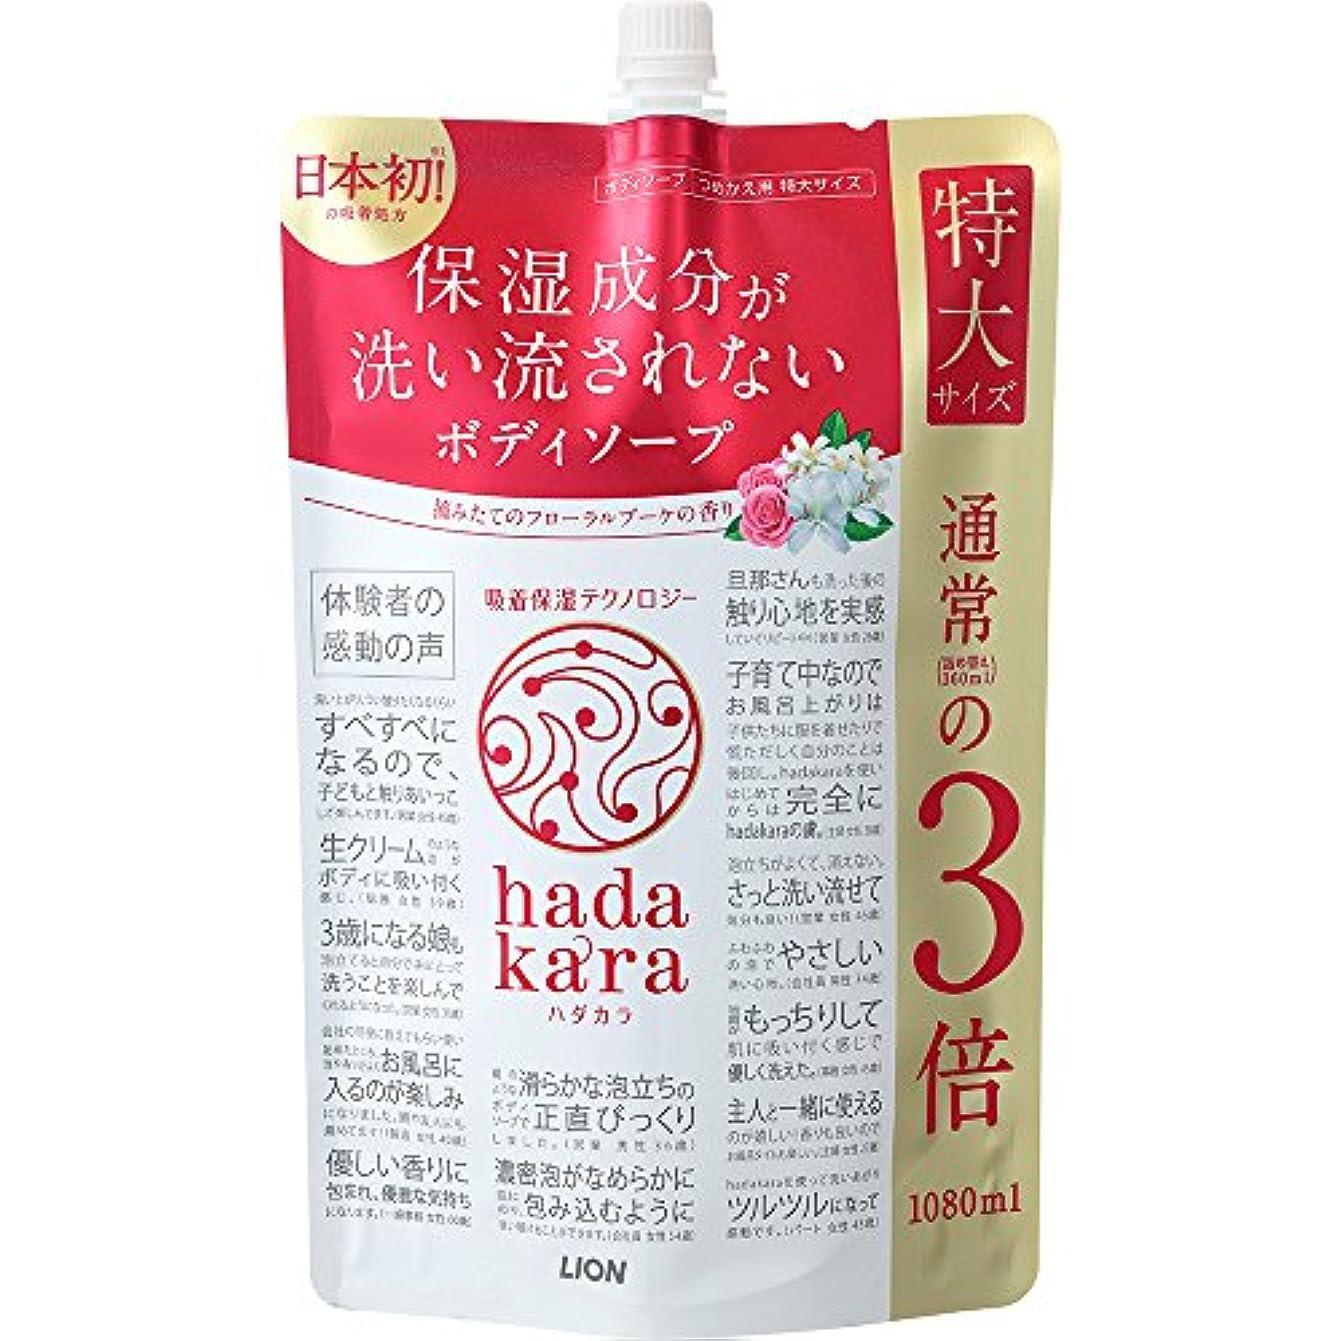 巨大なレトルトコンサルタント【大容量】hadakara(ハダカラ) ボディソープ フローラルブーケの香り 詰め替え 特大 1080ml